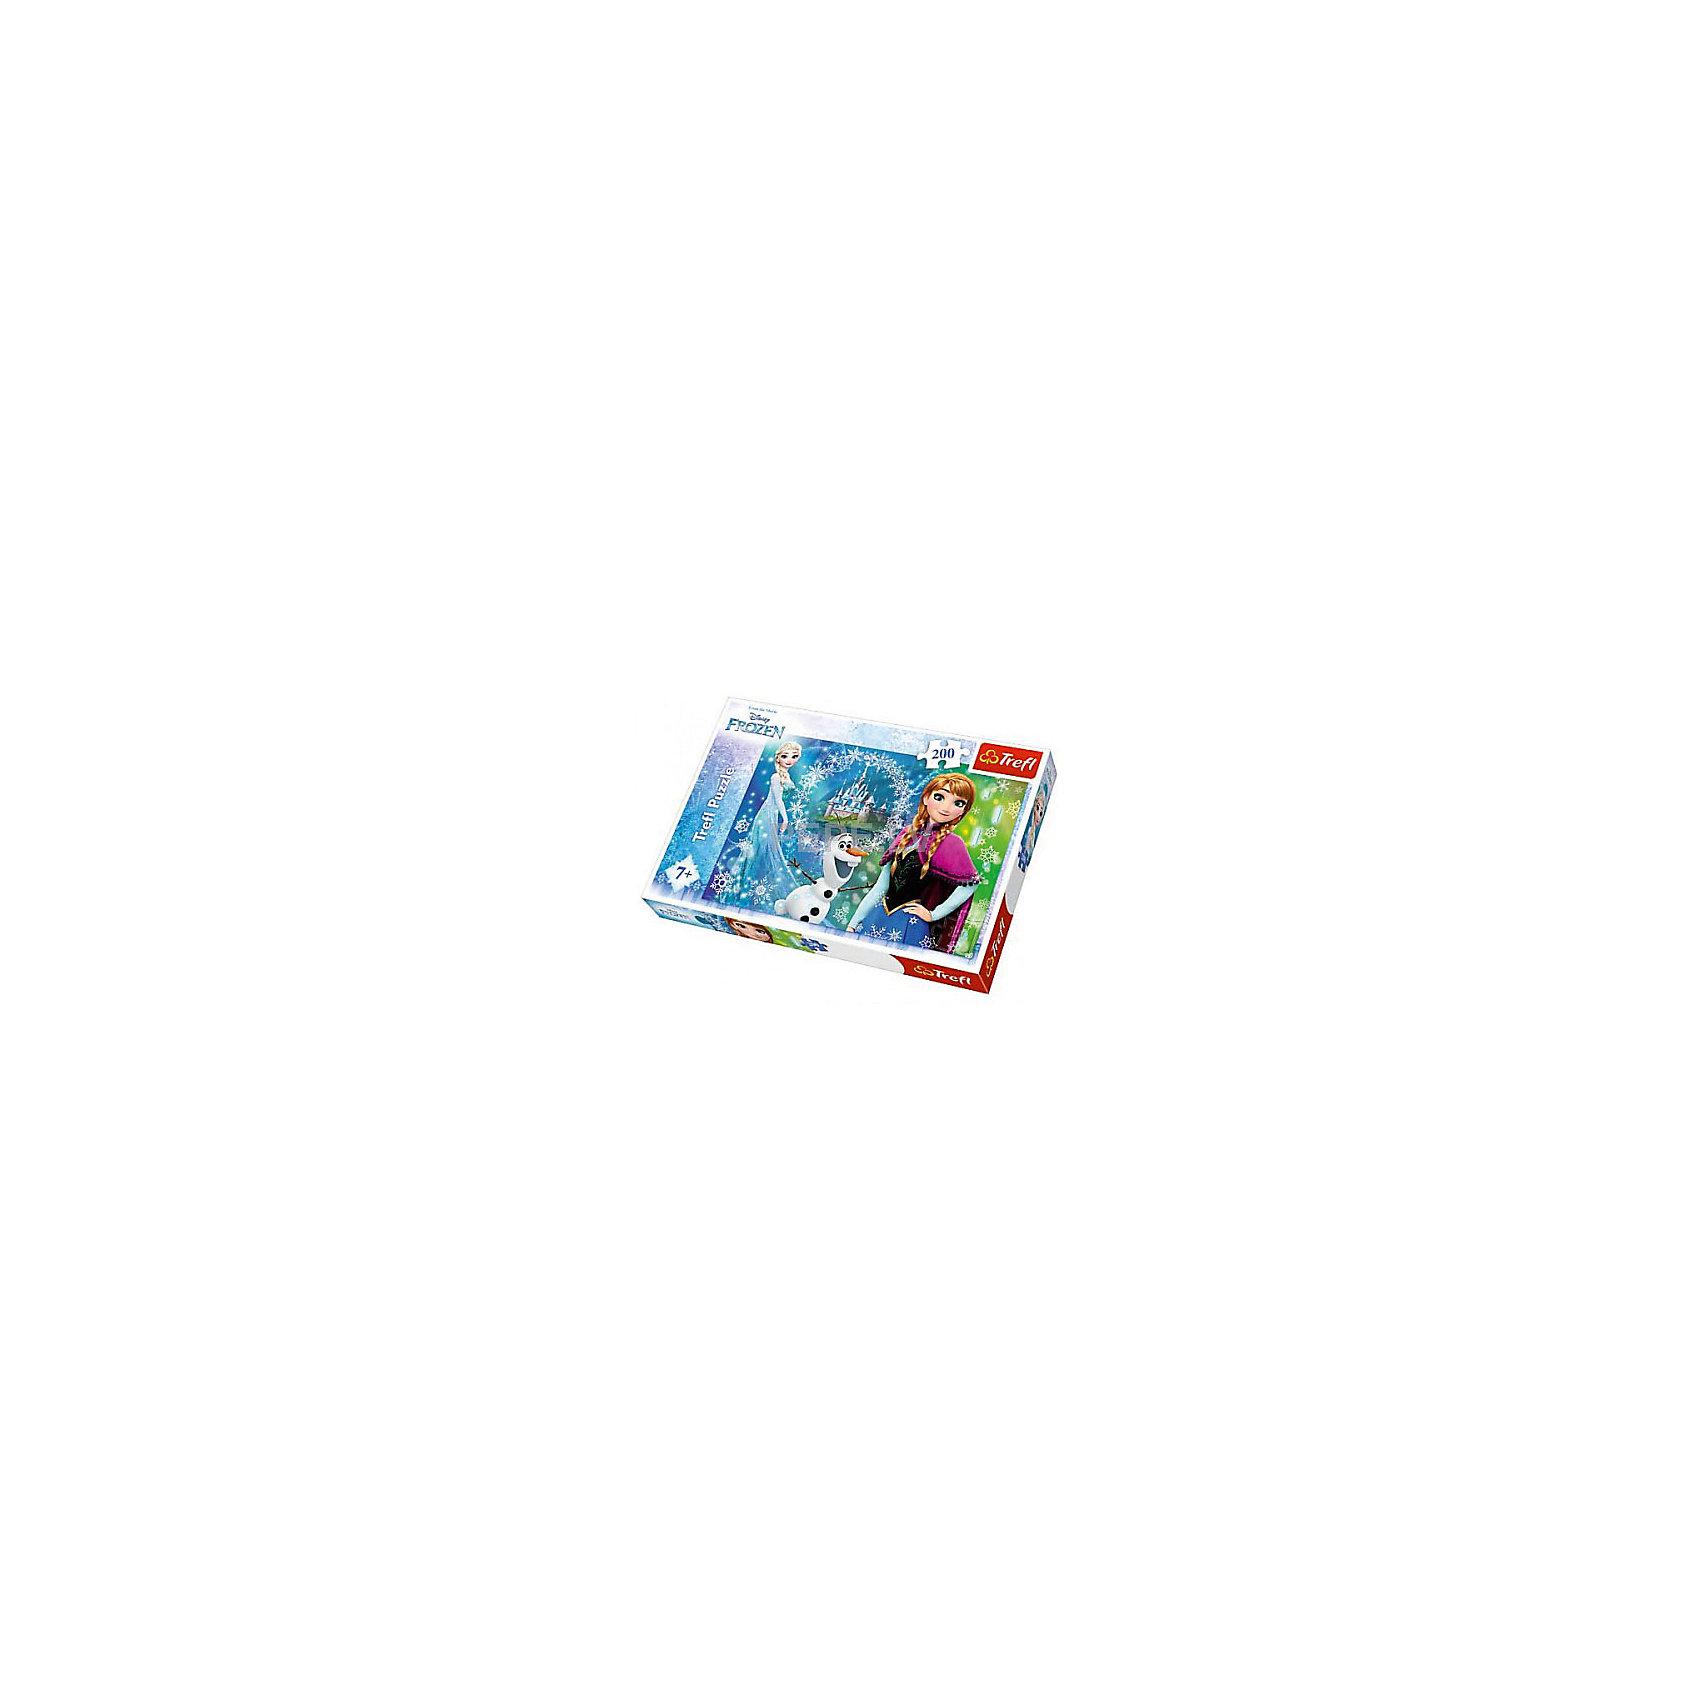 Пазлы «Сила сестер», 200 деталейПопулярные игрушки<br>Пазл Trefl «Сила сестер» на 200 деталей – одна из головоломок-новинок 2016 года, выпущенных польским брендом по мотивам любимых мультфильмов Disney. На этот раз вам предстоит собирать картину с Анной, Эльзой и их другом-снеговиком Олафом из «Холодного сердца». <br>Великолепные яркие (и при этом – экологически чистые) краски делают эту игрушку по-настоящему привлекательной. Во время сборки пазла тренируются мелкая моторика, усидчивость, способность воссоздавать целое из частей. <br>Количество деталей: 200. <br>Размеры картинки в собранном виде: 48х34 см. <br>Размеры коробки: 33,5х23х4 см. <br>Вес коробки: 0,49 кг. <br>Пазл предназначен для девочек старше 7 лет.<br><br>Ширина мм: 350<br>Глубина мм: 470<br>Высота мм: 230<br>Вес г: 490<br>Возраст от месяцев: 84<br>Возраст до месяцев: 144<br>Пол: Унисекс<br>Возраст: Детский<br>SKU: 7126353